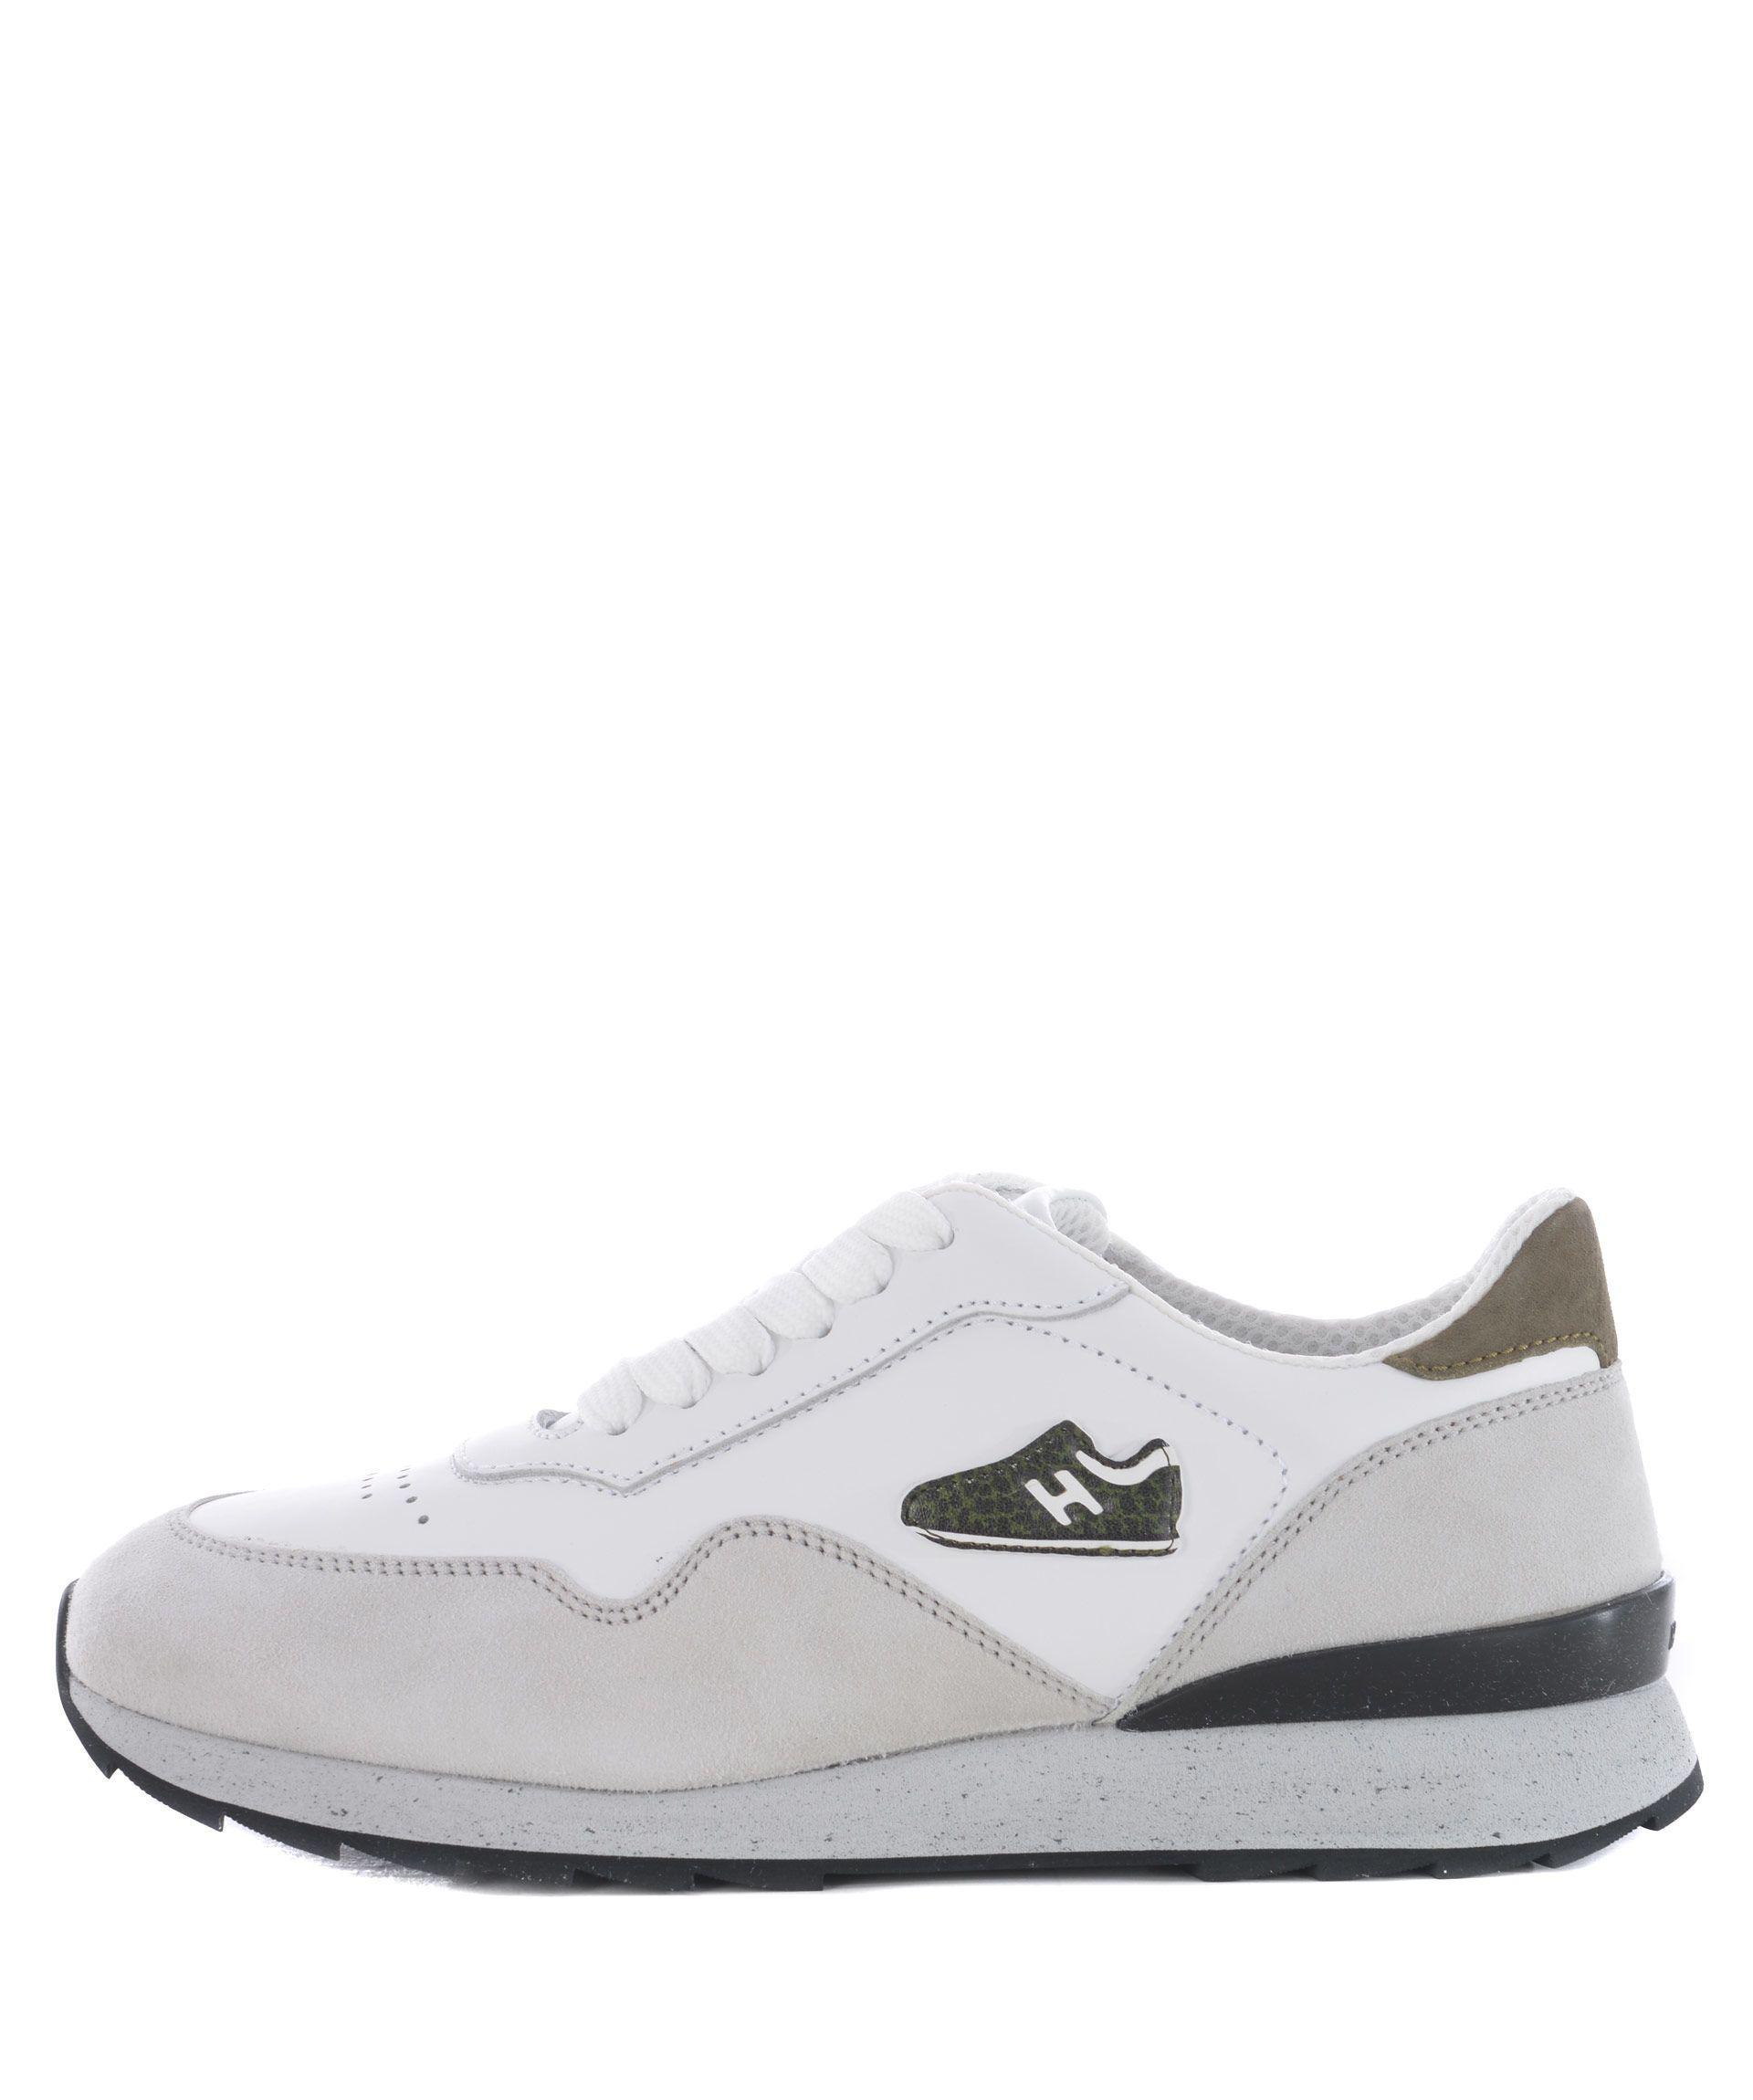 Hogan Mini Running Sneakers In Bianco/ghiaccio